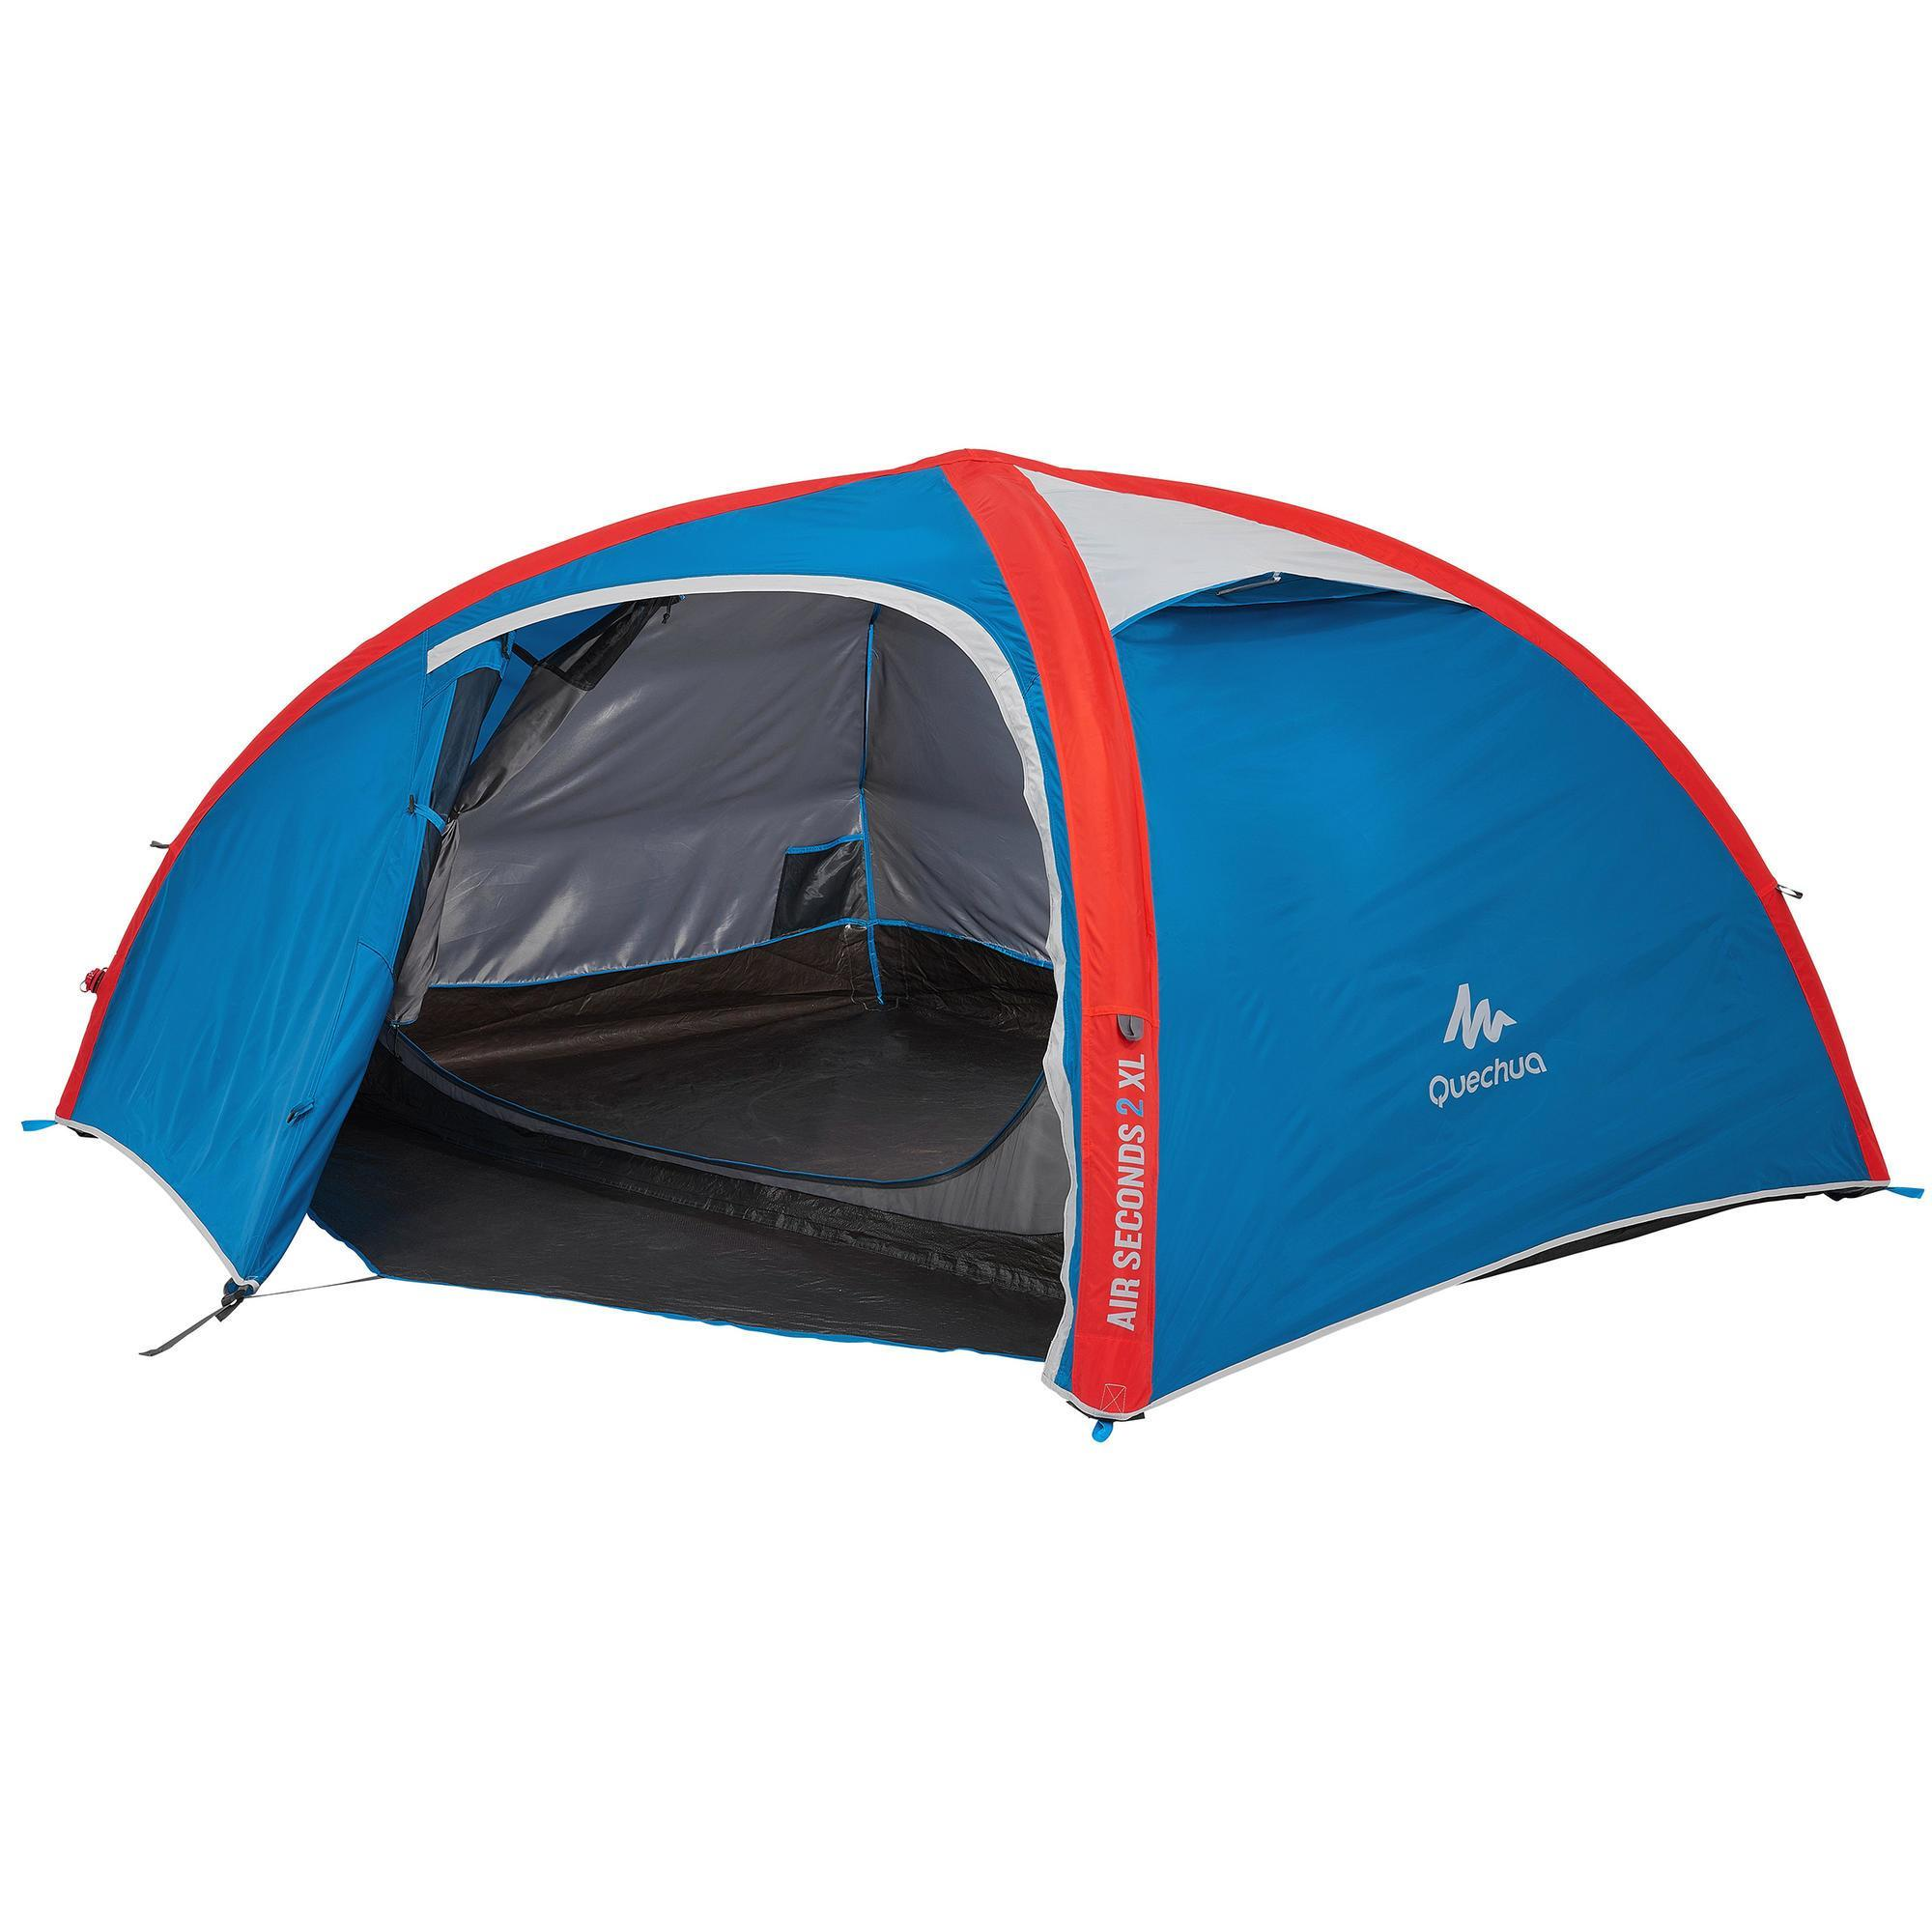 tente de camping air seconds xl 2 personnes quechua. Black Bedroom Furniture Sets. Home Design Ideas